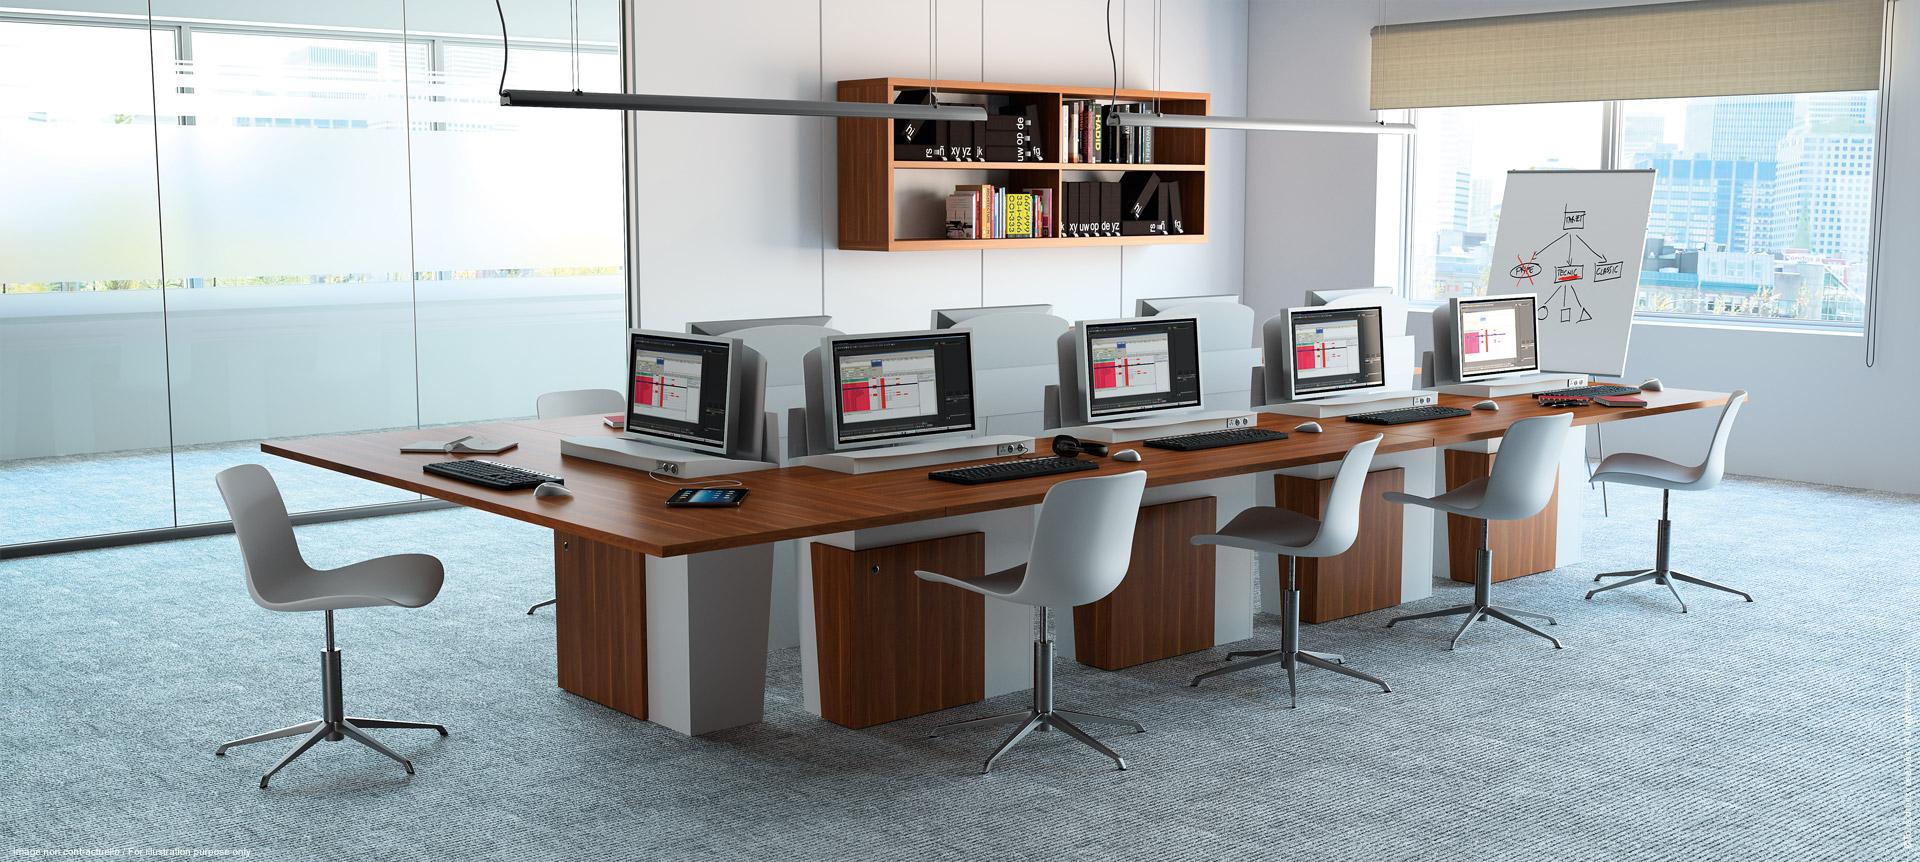 I-RISE - table pour salle de éunion polyvalente - formation, visioconférence, crise